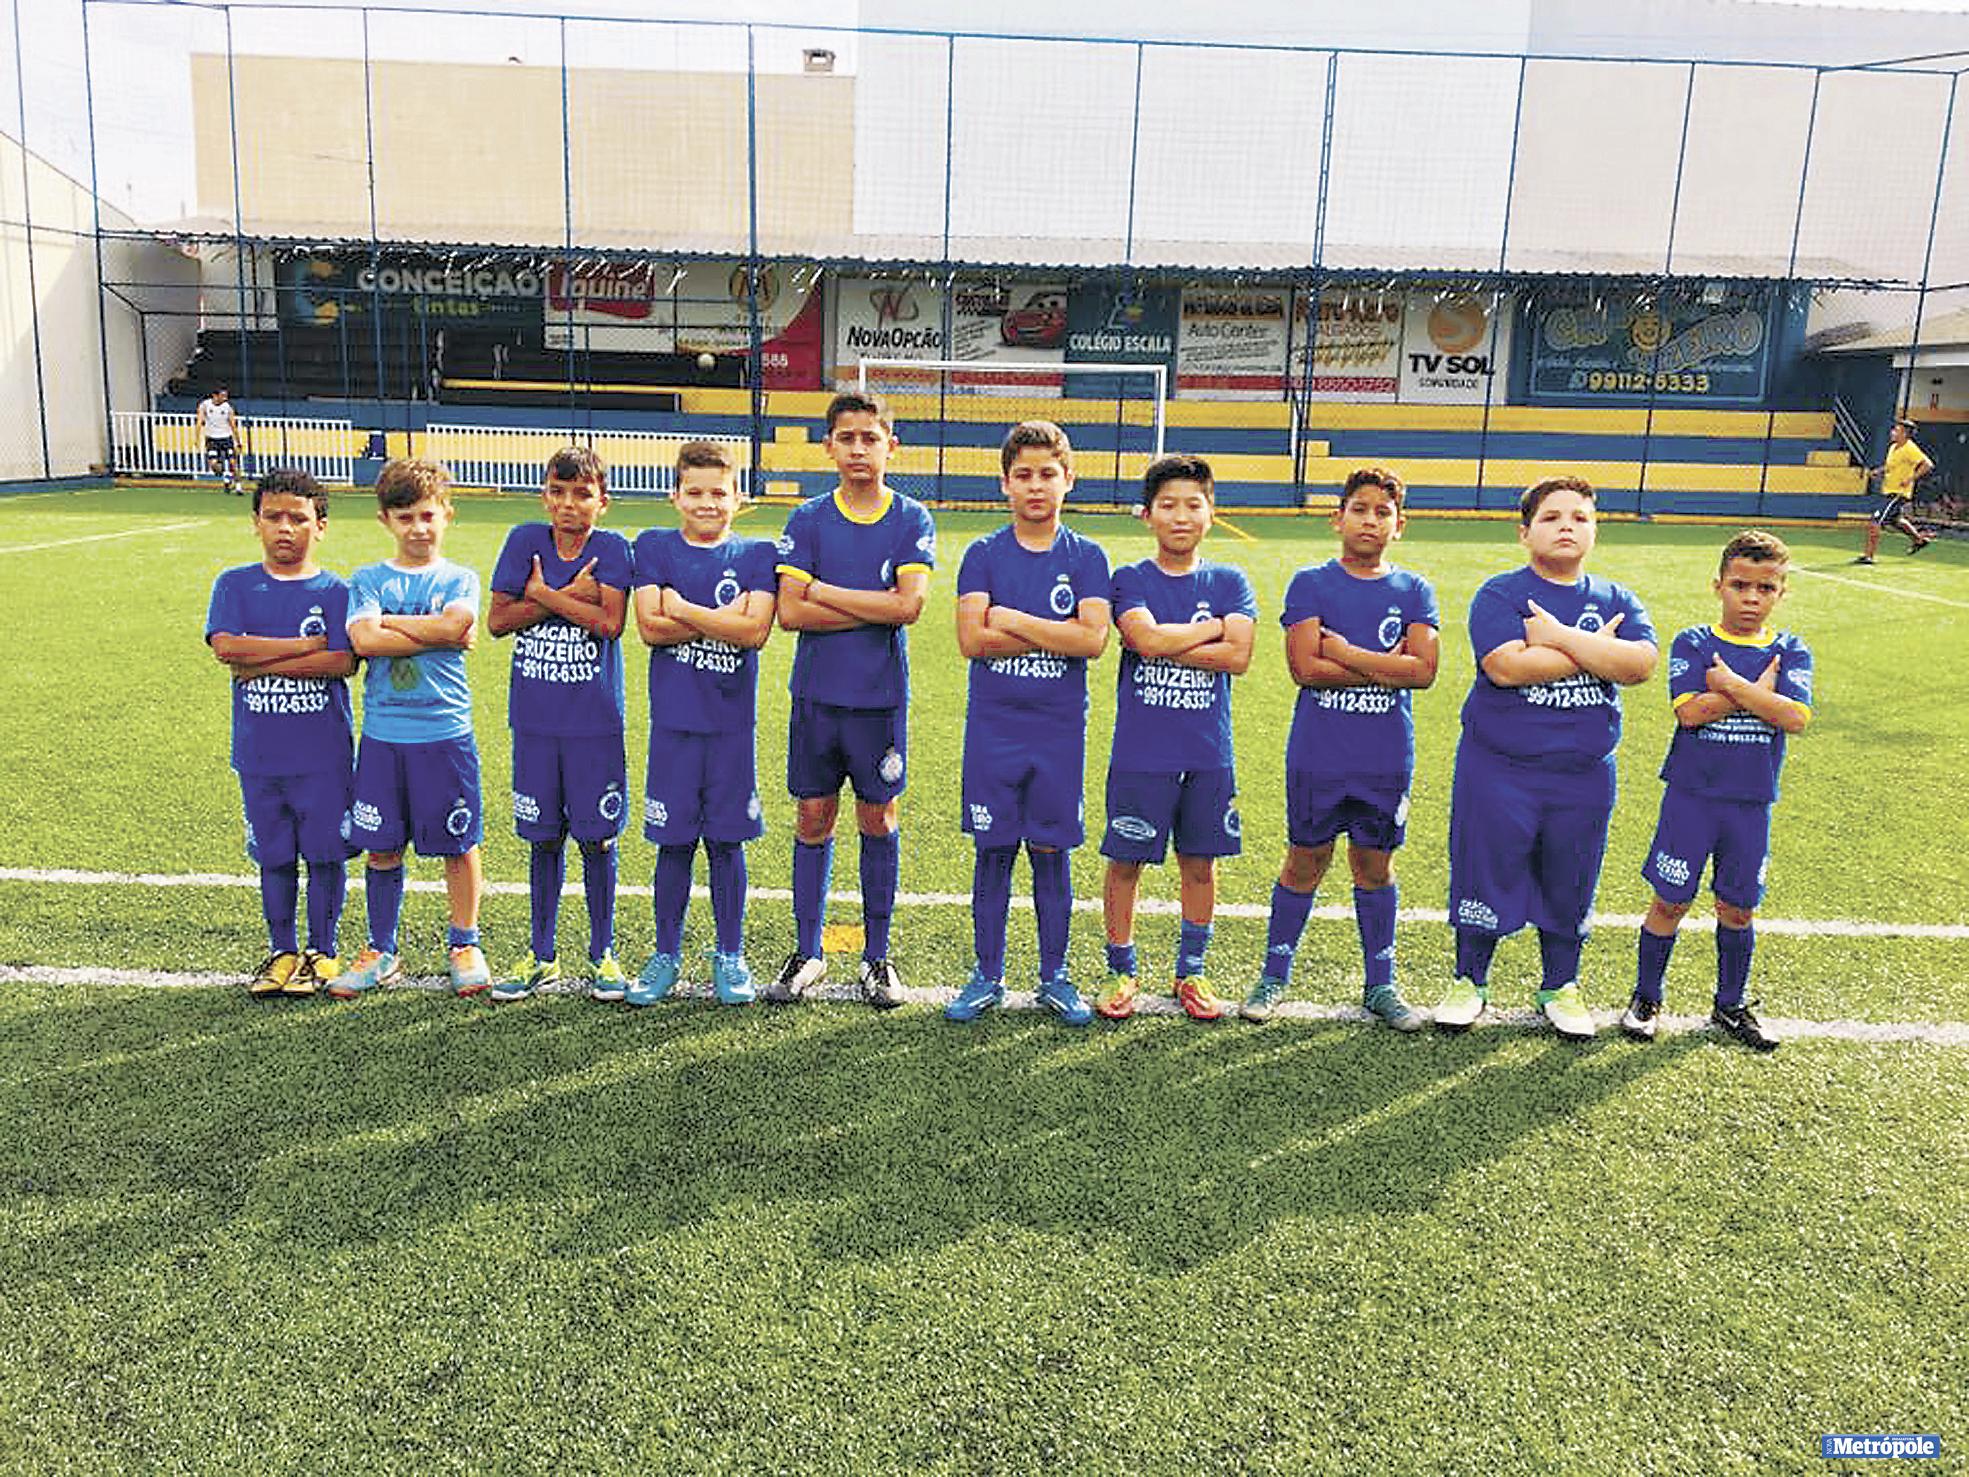 26 - Alunos da categoria Sub 09 em recente treino na Escola de Futebol Cruzeiro